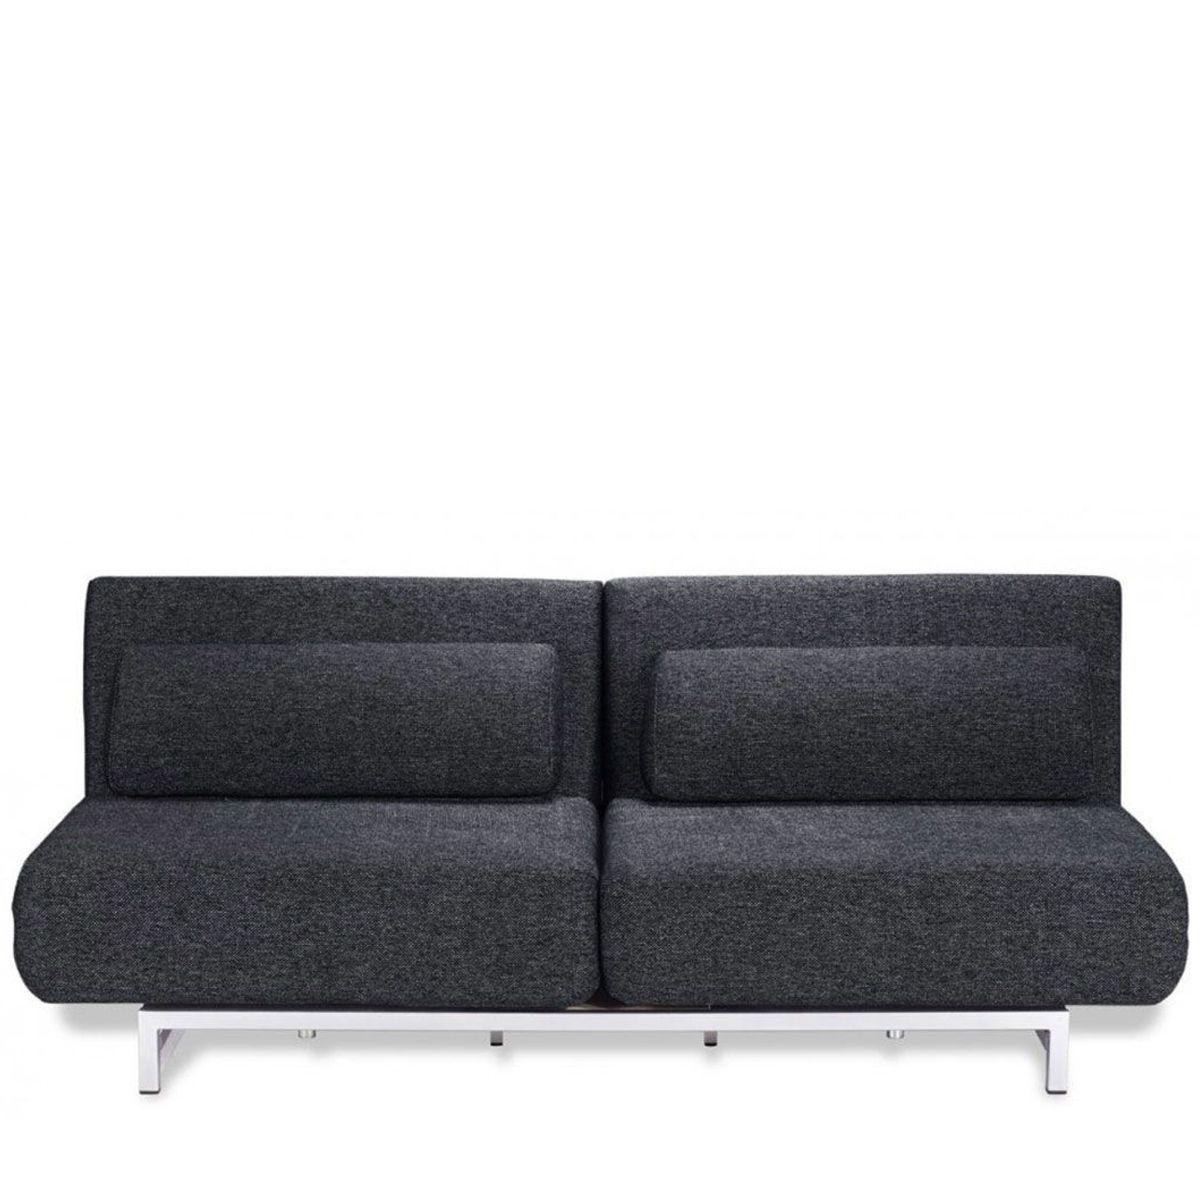 Archie - canapé-lit et design modulaire 3 places